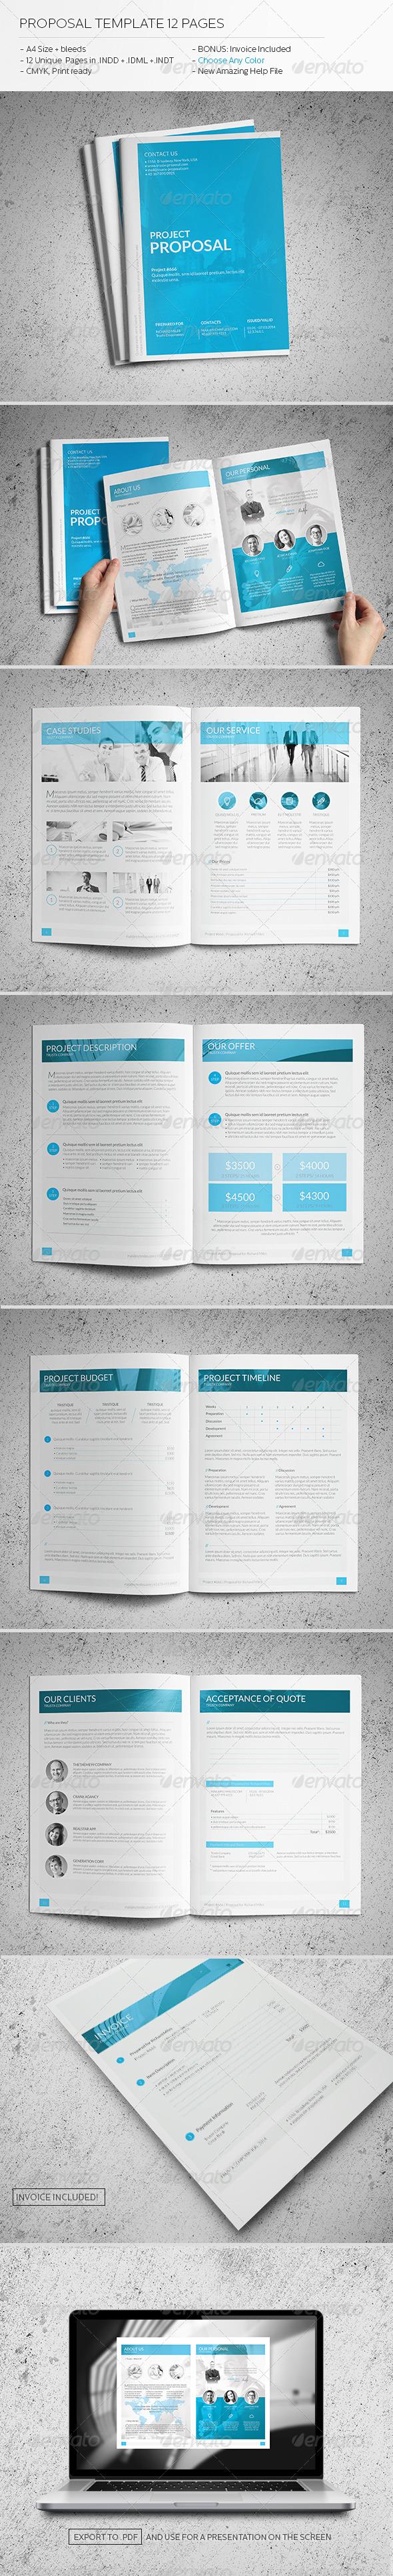 Proposal Template Proposal Templates Proposal Design Invoice Design